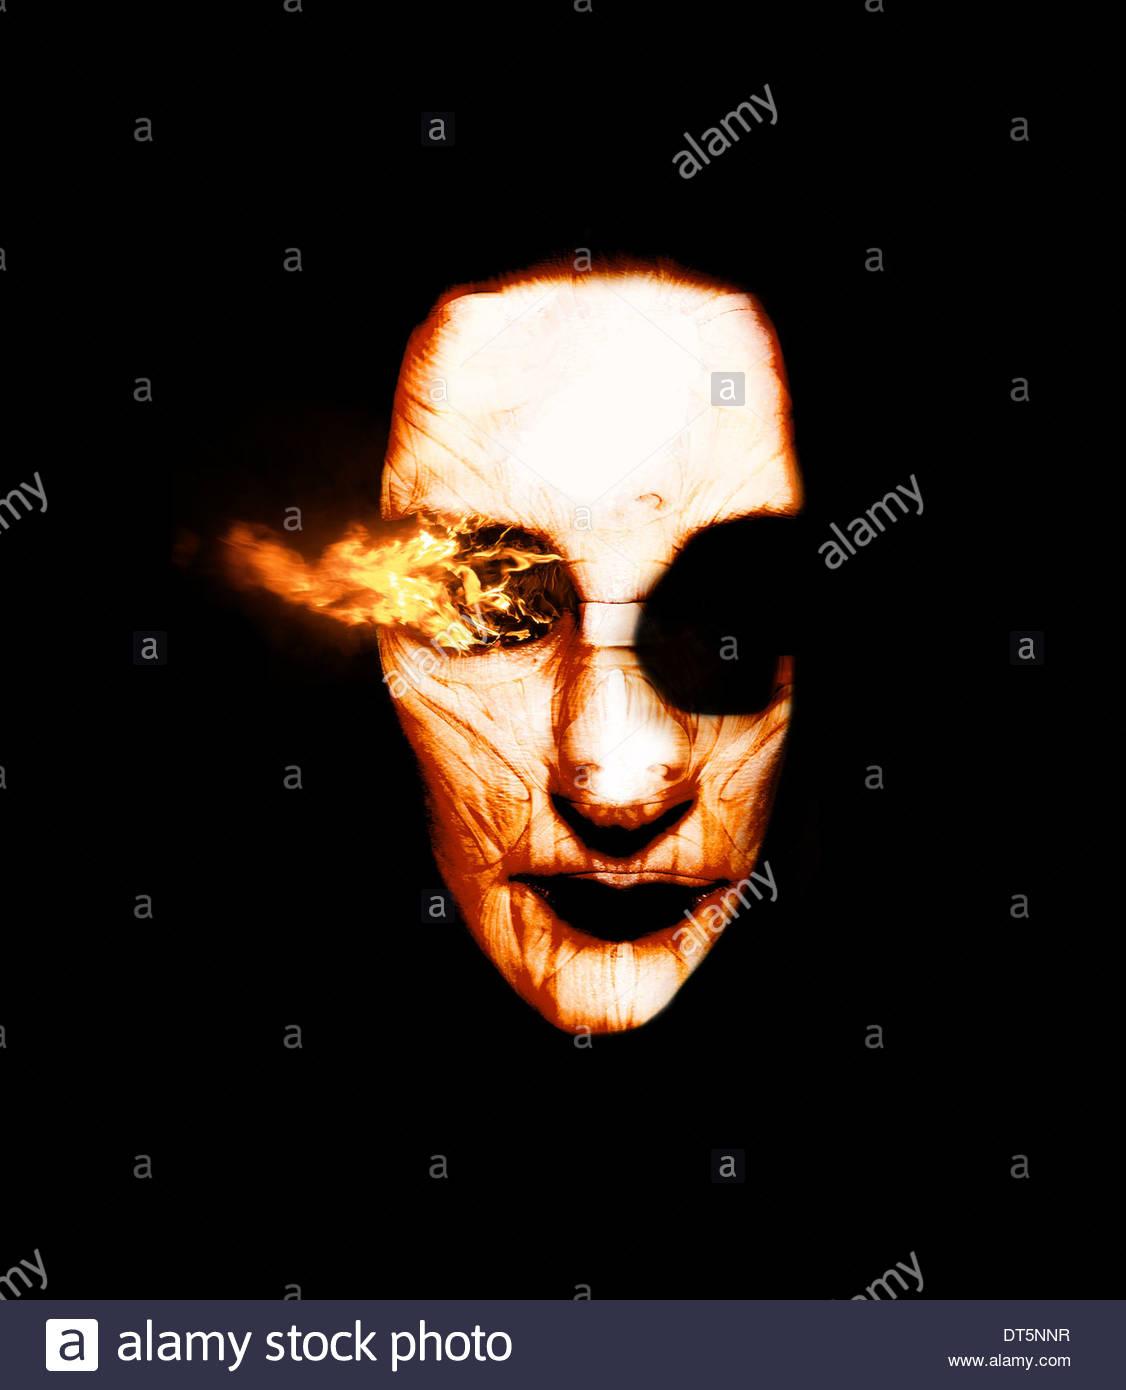 Visiones de fuego quemar desde El Ojo de un Scorched hechiceros cabeza en una aterradora ardiente aparición Imagen De Stock